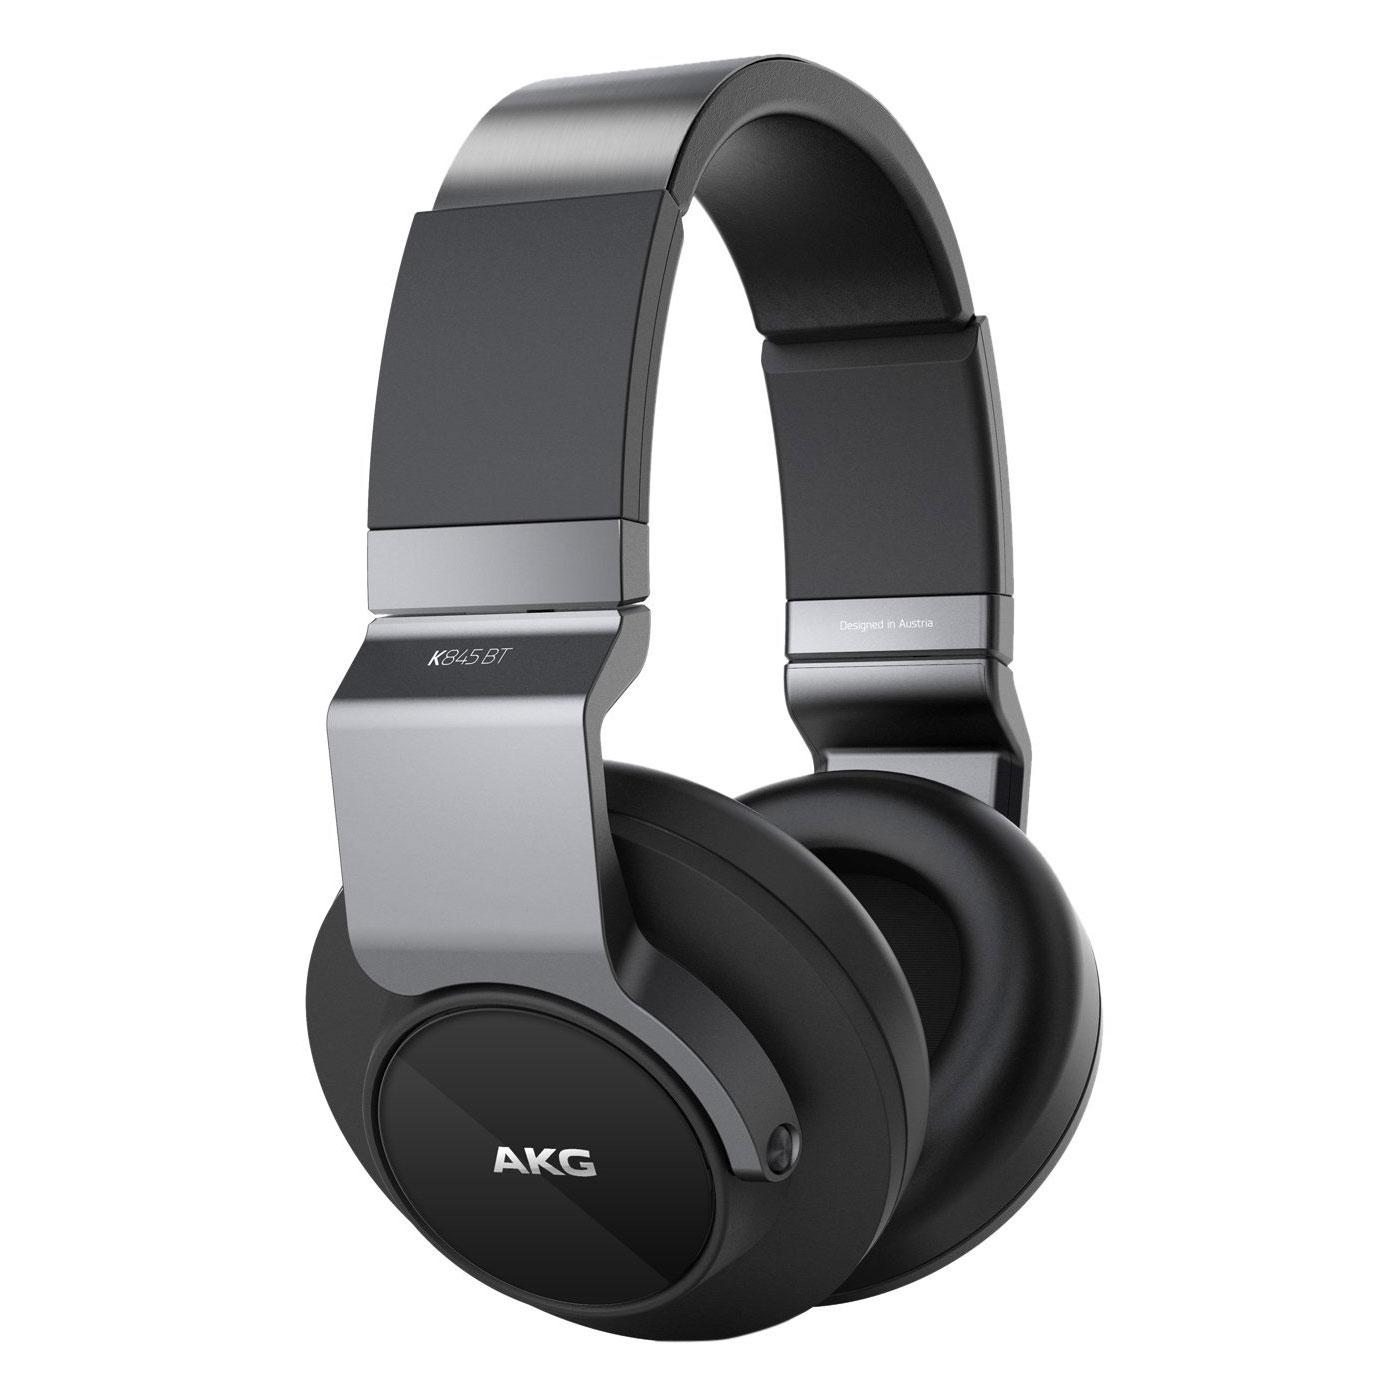 Casque AKG K845BT Noir Casque supra-auriculaire sans fil Bluetooth avec microphone